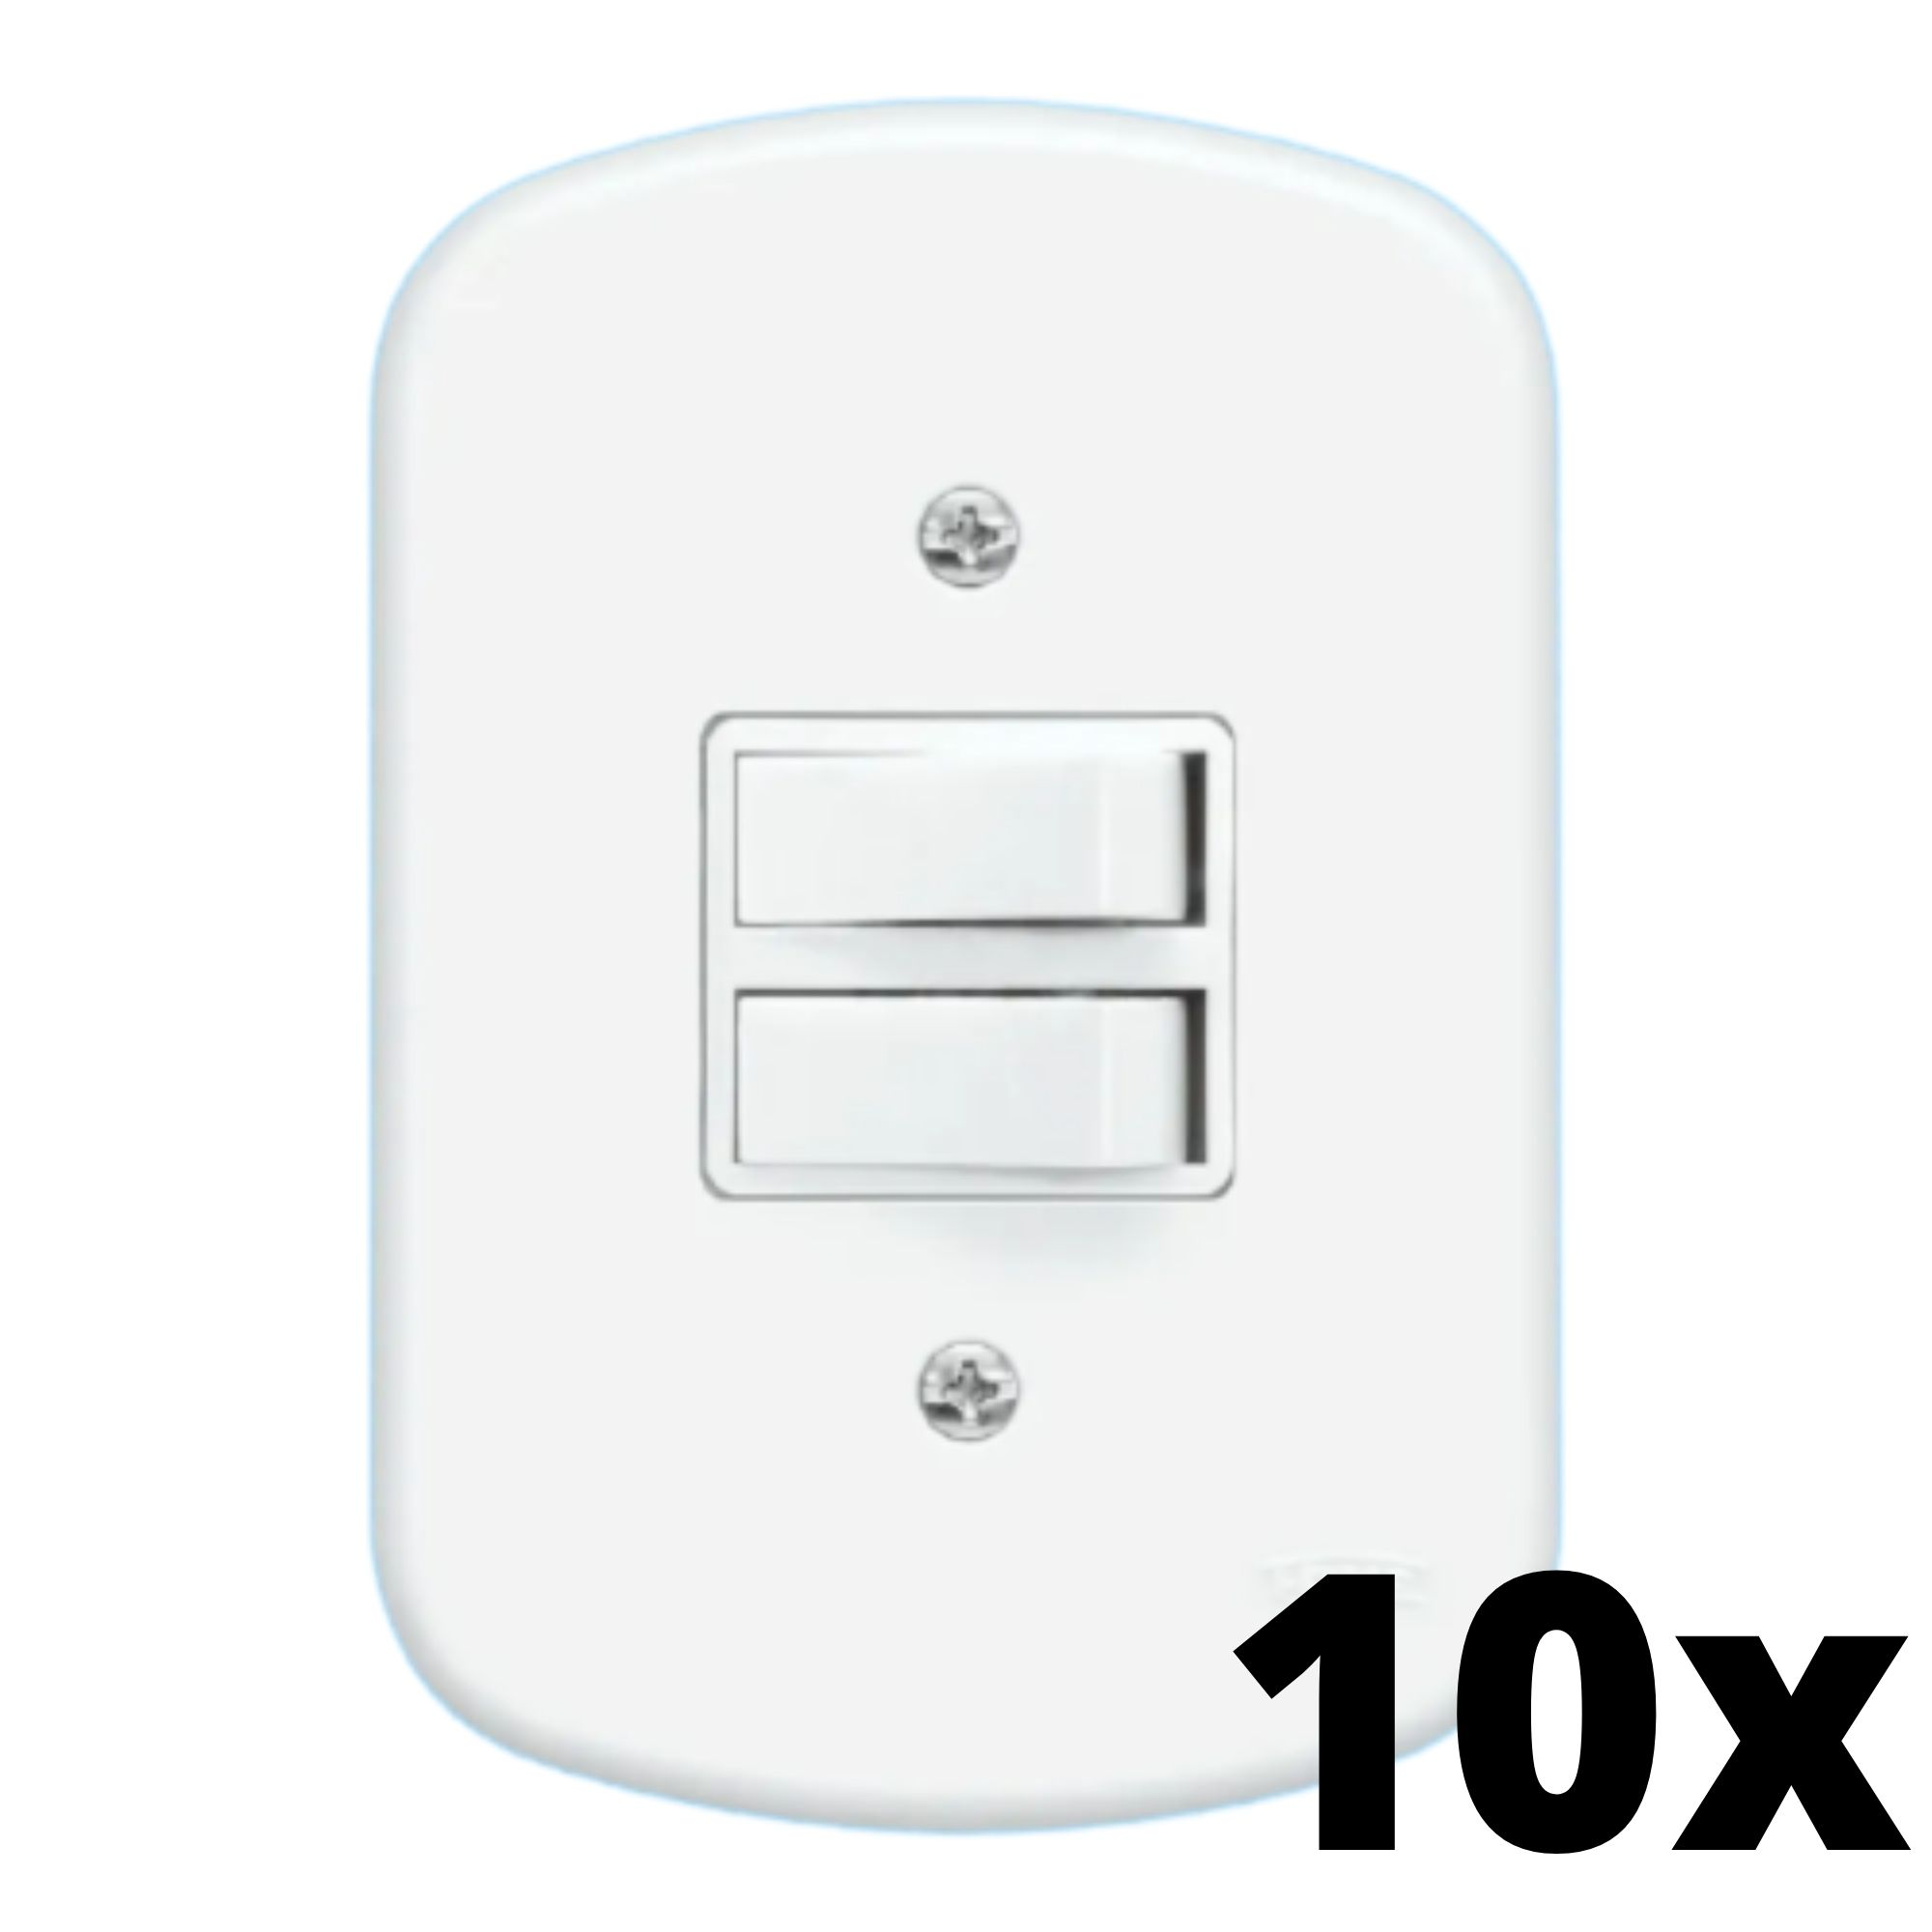 Kit 10 und Blanc 1Seç Interrupt Simples+1Seç Interrupt Paralelo + Placa